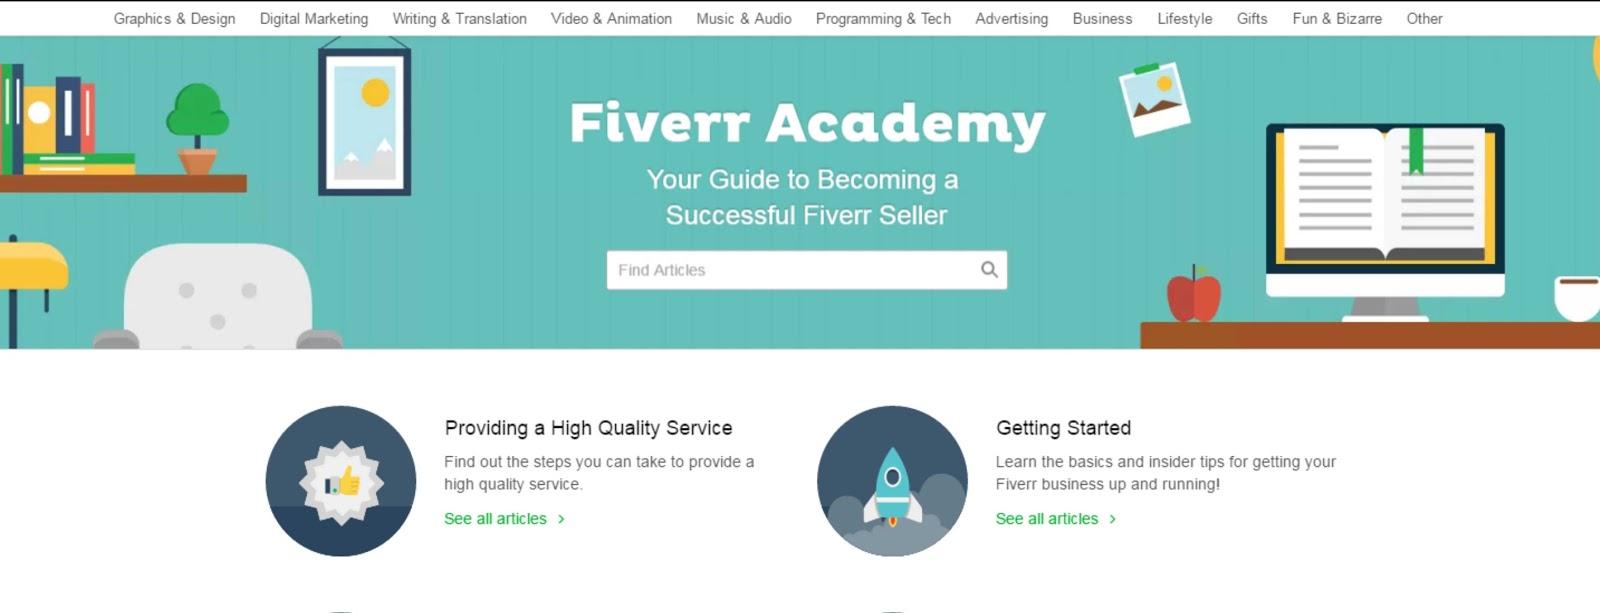 Maka Ada Baiknya Membaca Dulupulan Artikel Artikel Dasar Di Fiver Academy Atau Paling Tidak Mengutak Atik Dulu Website Fiverr Dan Melihat Bagaimana